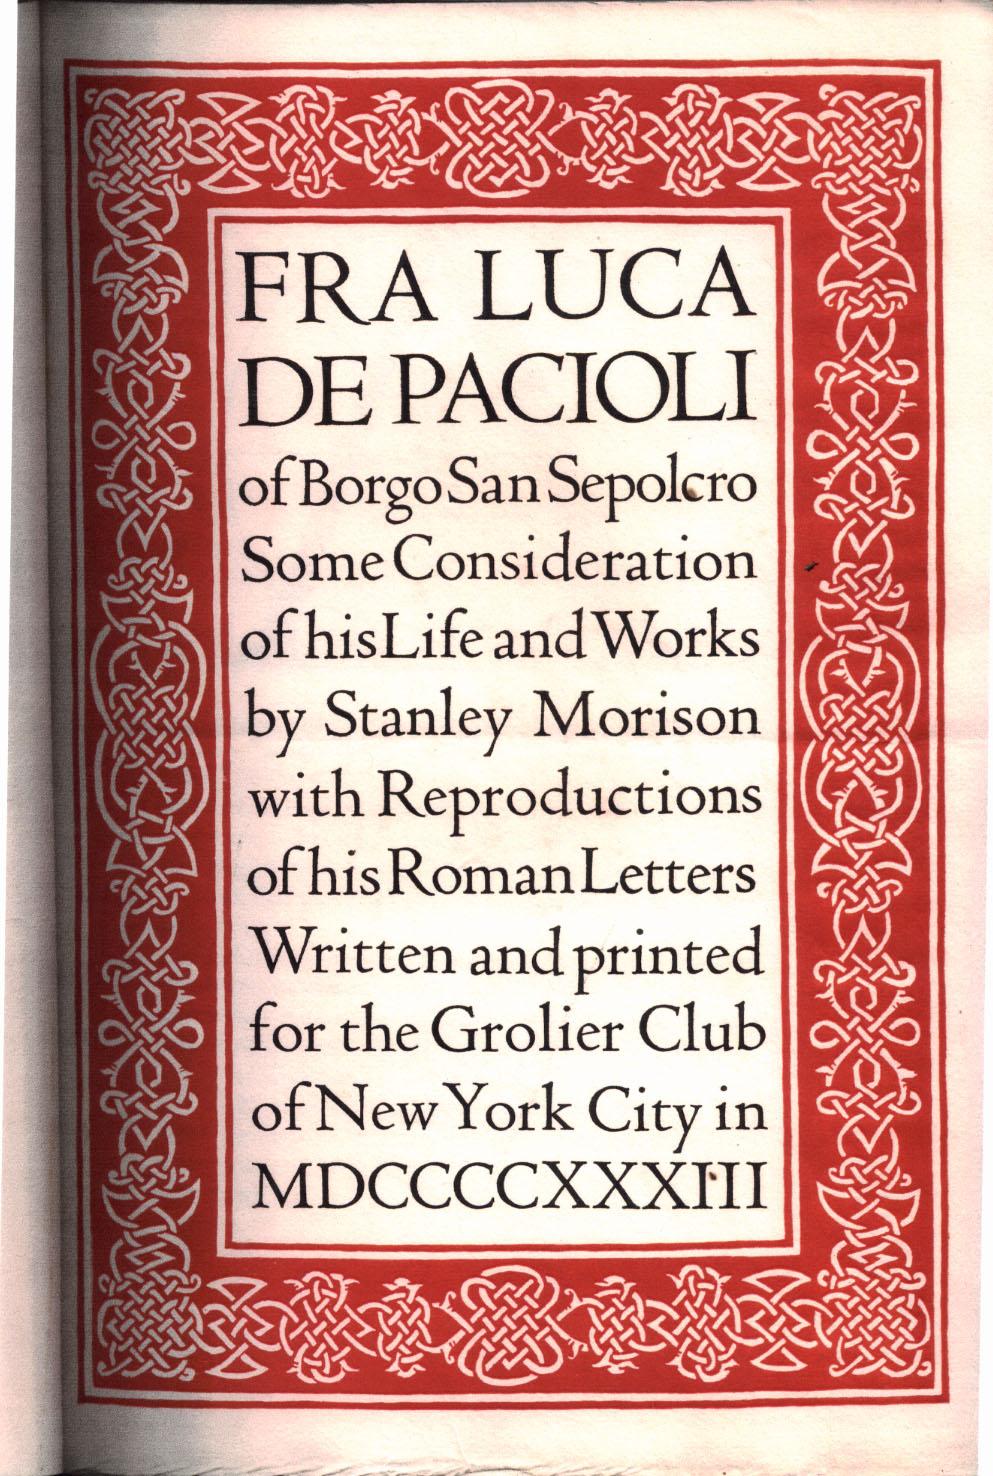 Fra Luca de Pacioli